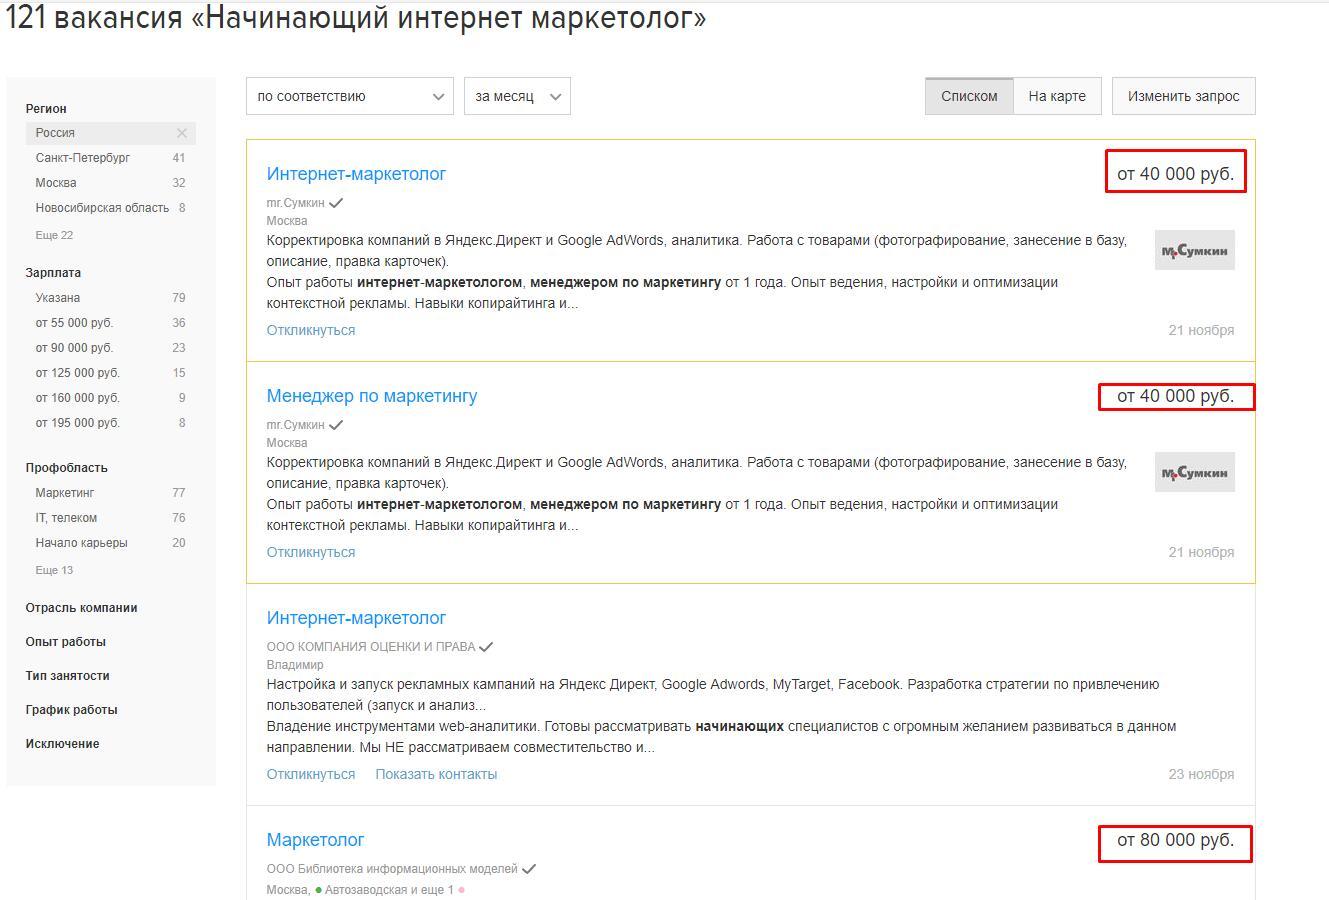 Вакансии начинающих интернет-маркетологов с сайта HH.ru